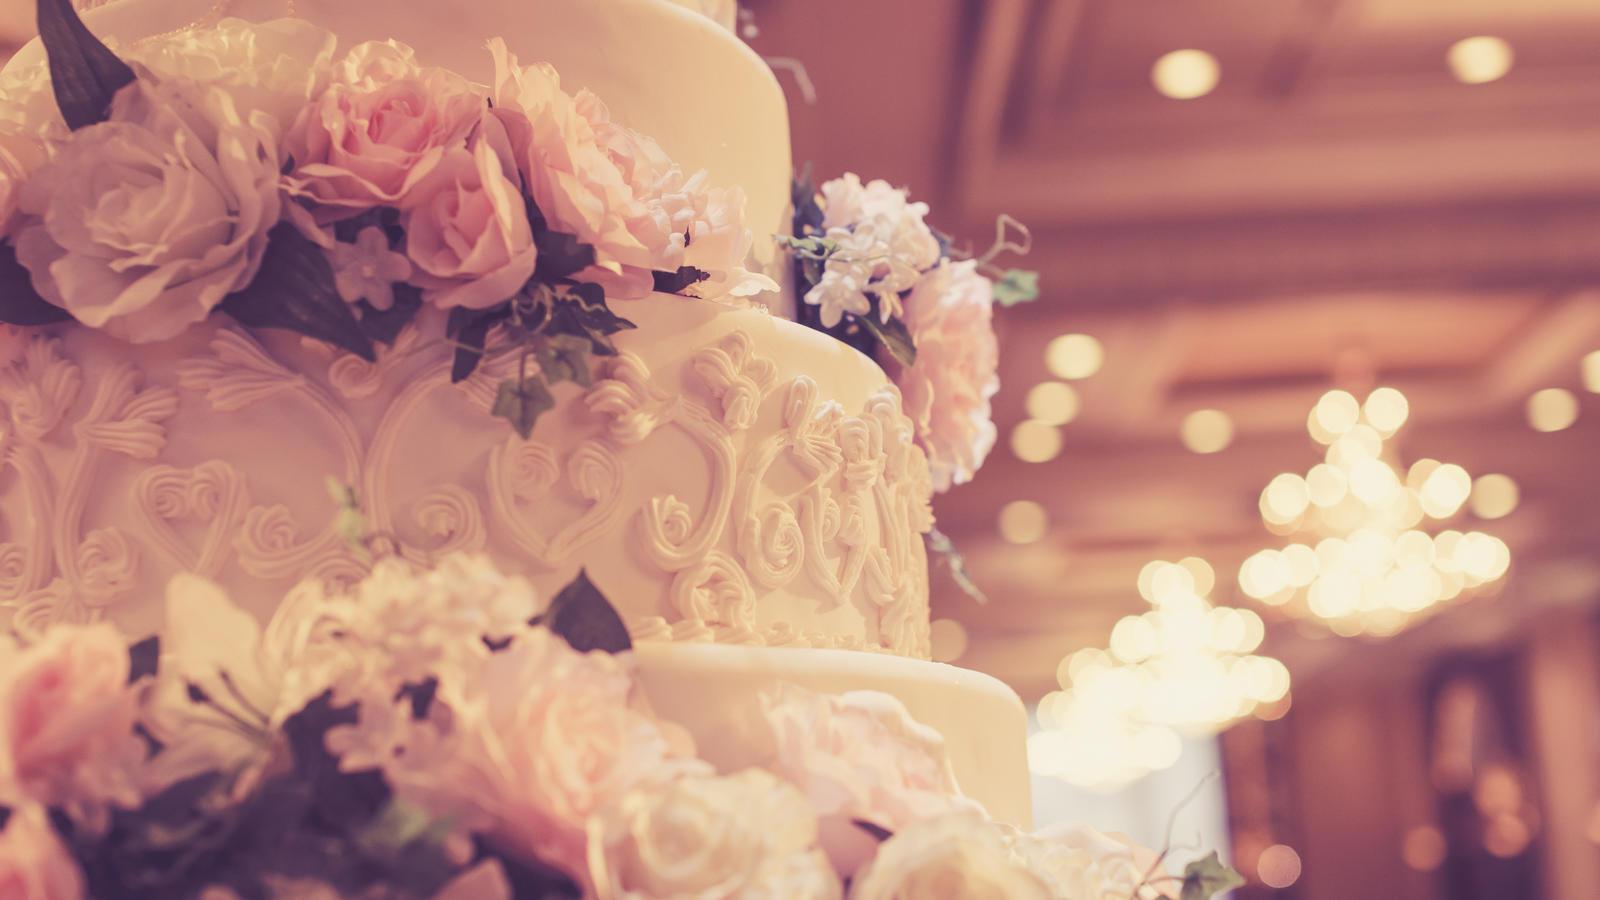 Faszinierend Hochzeitstorte Bilder Referenz Von